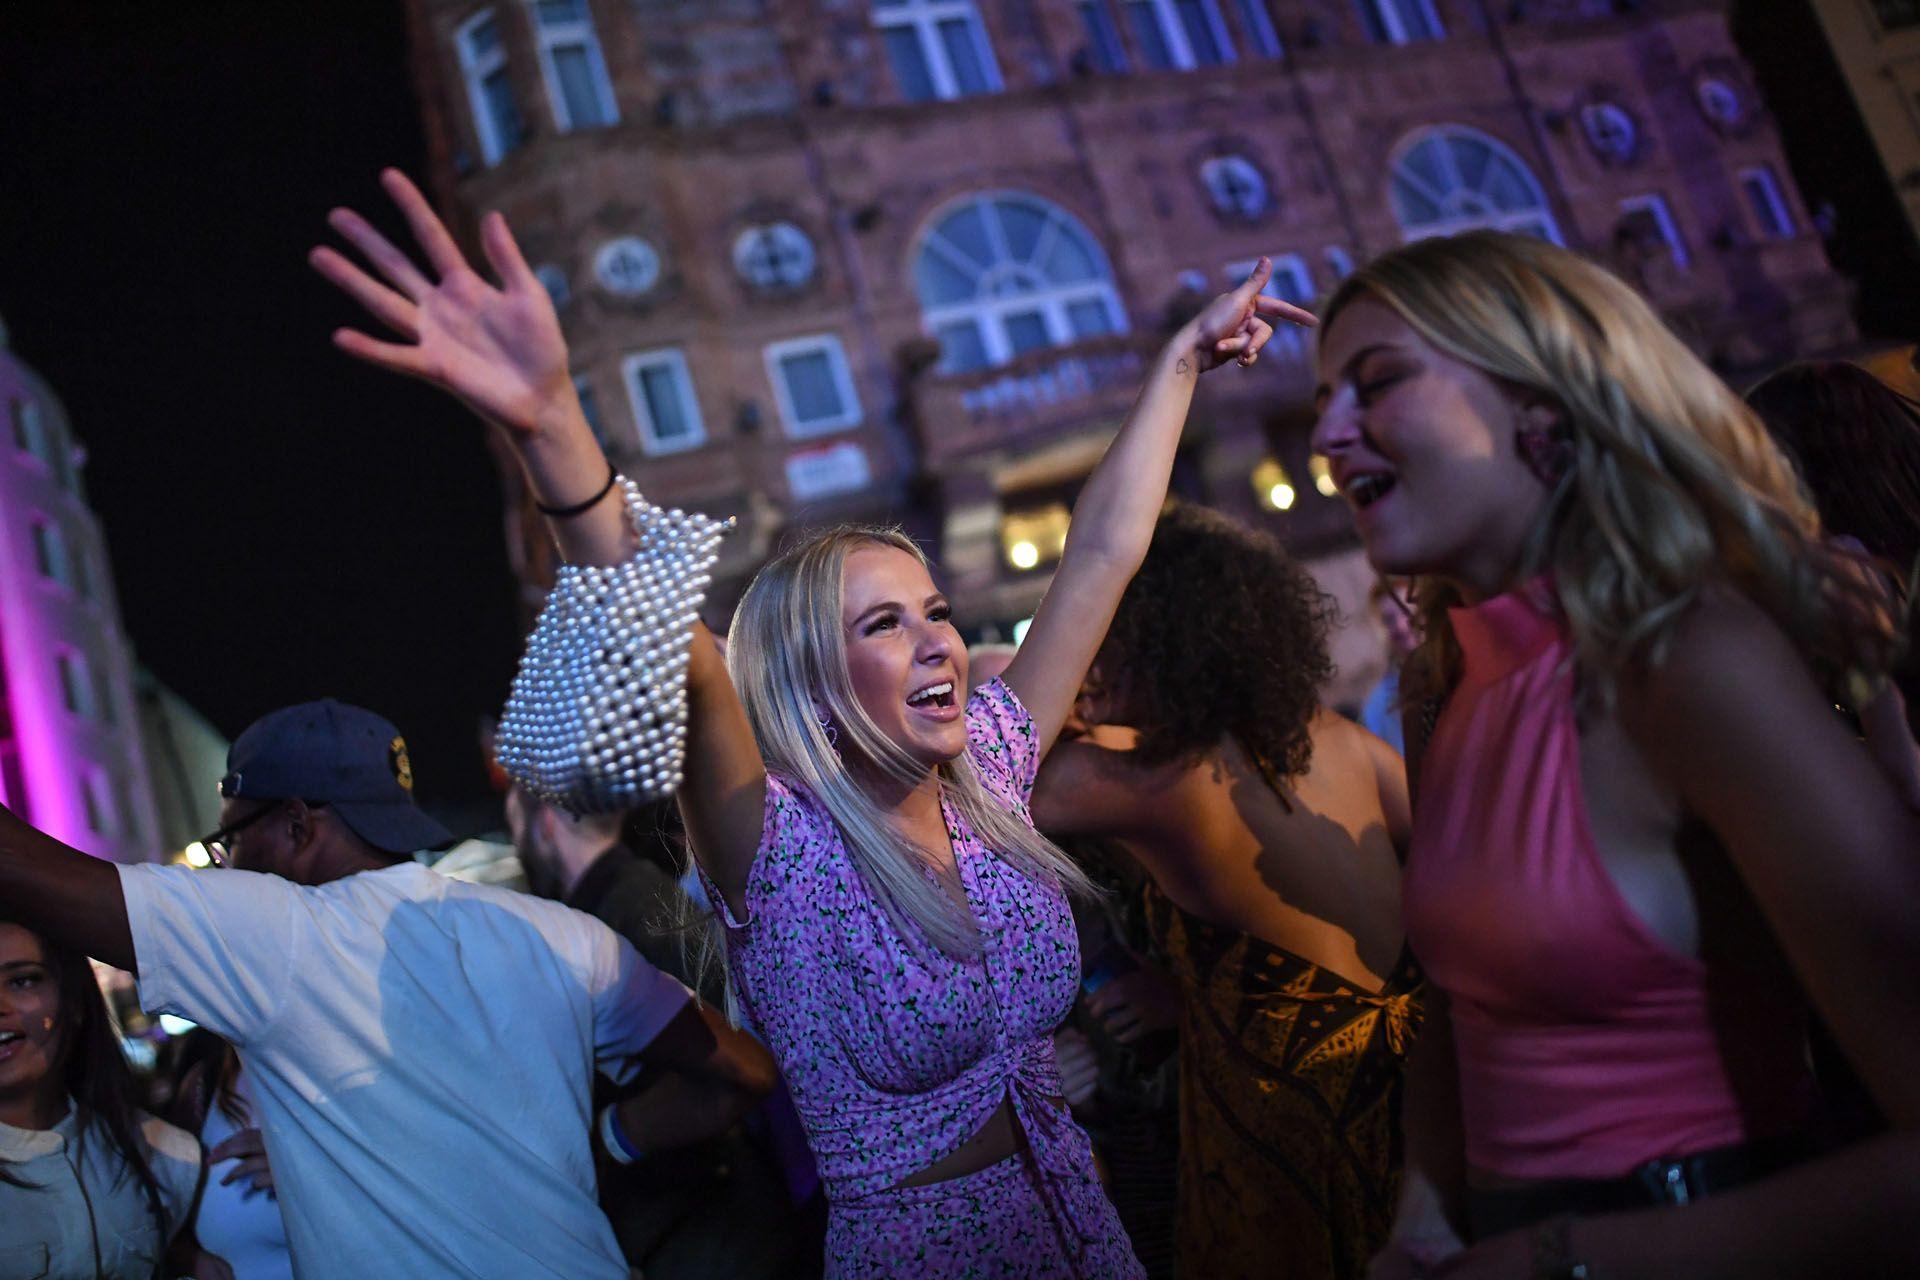 Táncoló tömeg a Leicester Square-en Londonban, egy nappal a korlátozó intézkedések bevezetése előtt (Fotó: Peter Summers/Getty Images)